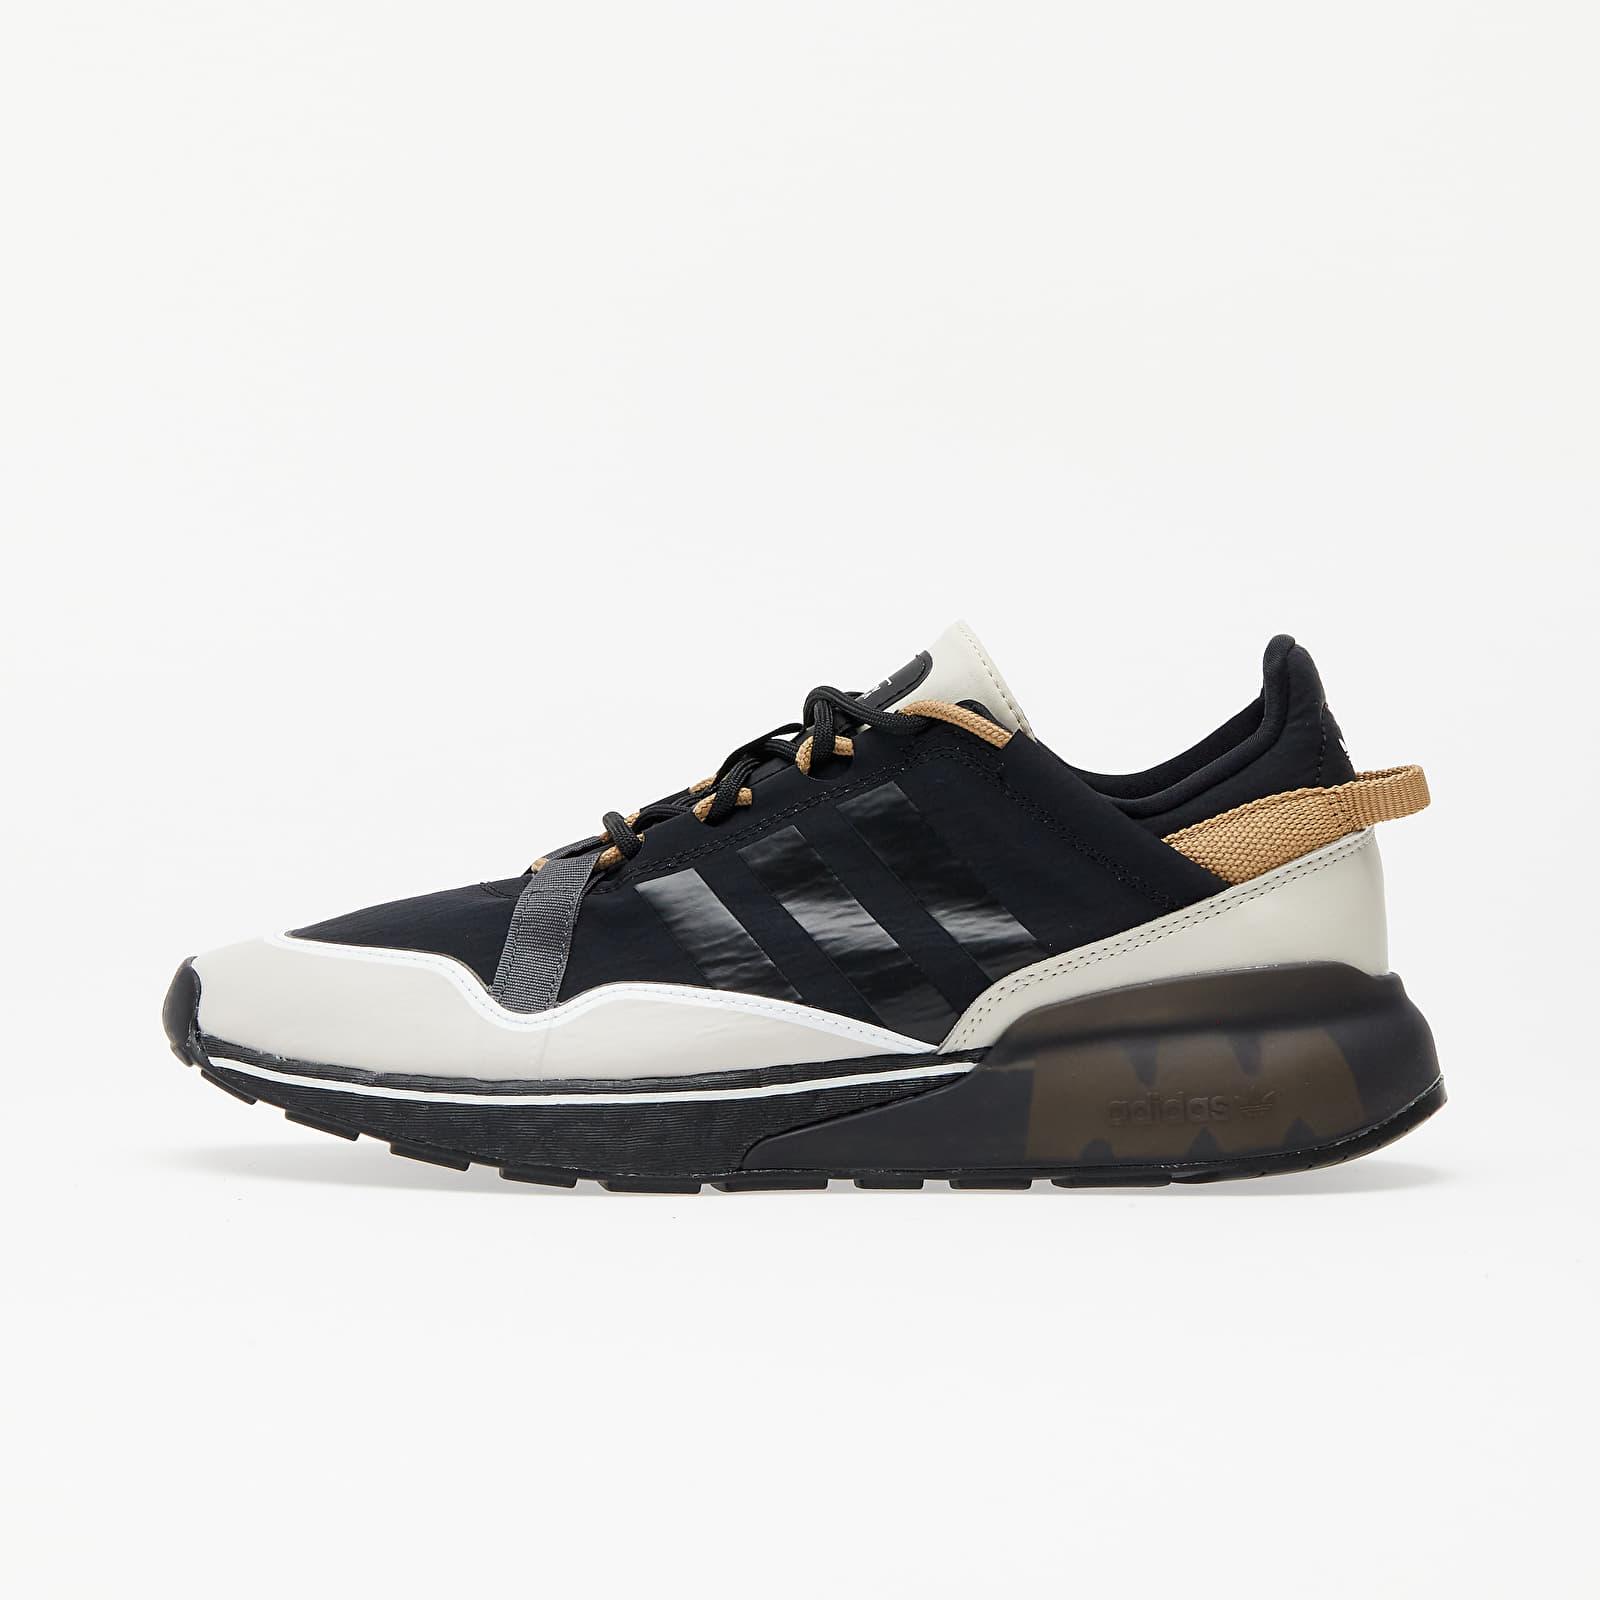 Încălțăminte și sneakerși pentru bărbați adidas ZX 2K BOOST Pure Core Black/ Clear Brown/ Cardboard